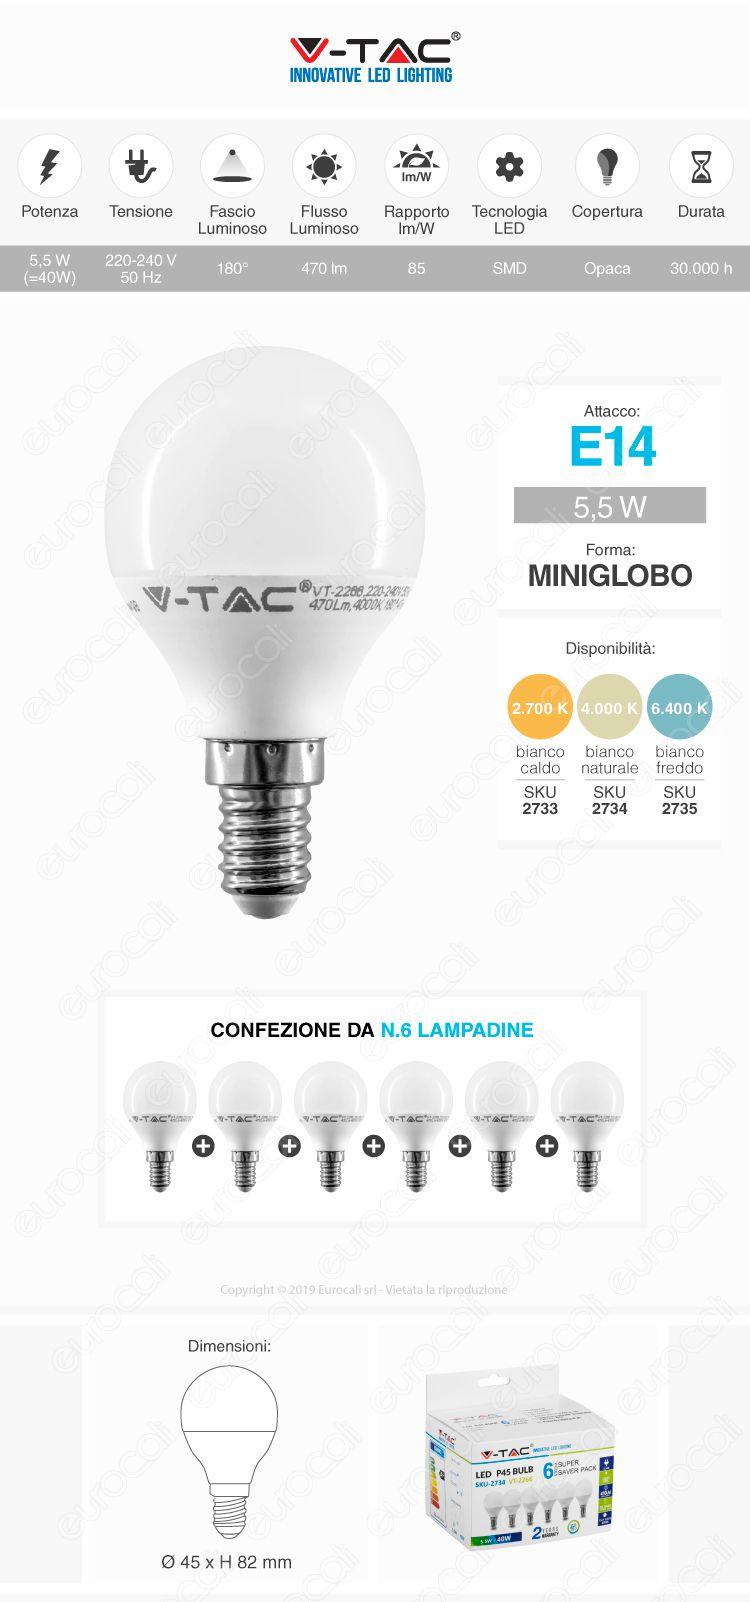 V-Tac VT-2266 Super Saver Pack Confezione 6 Lampadine LED E14 5,5W MniGlobo